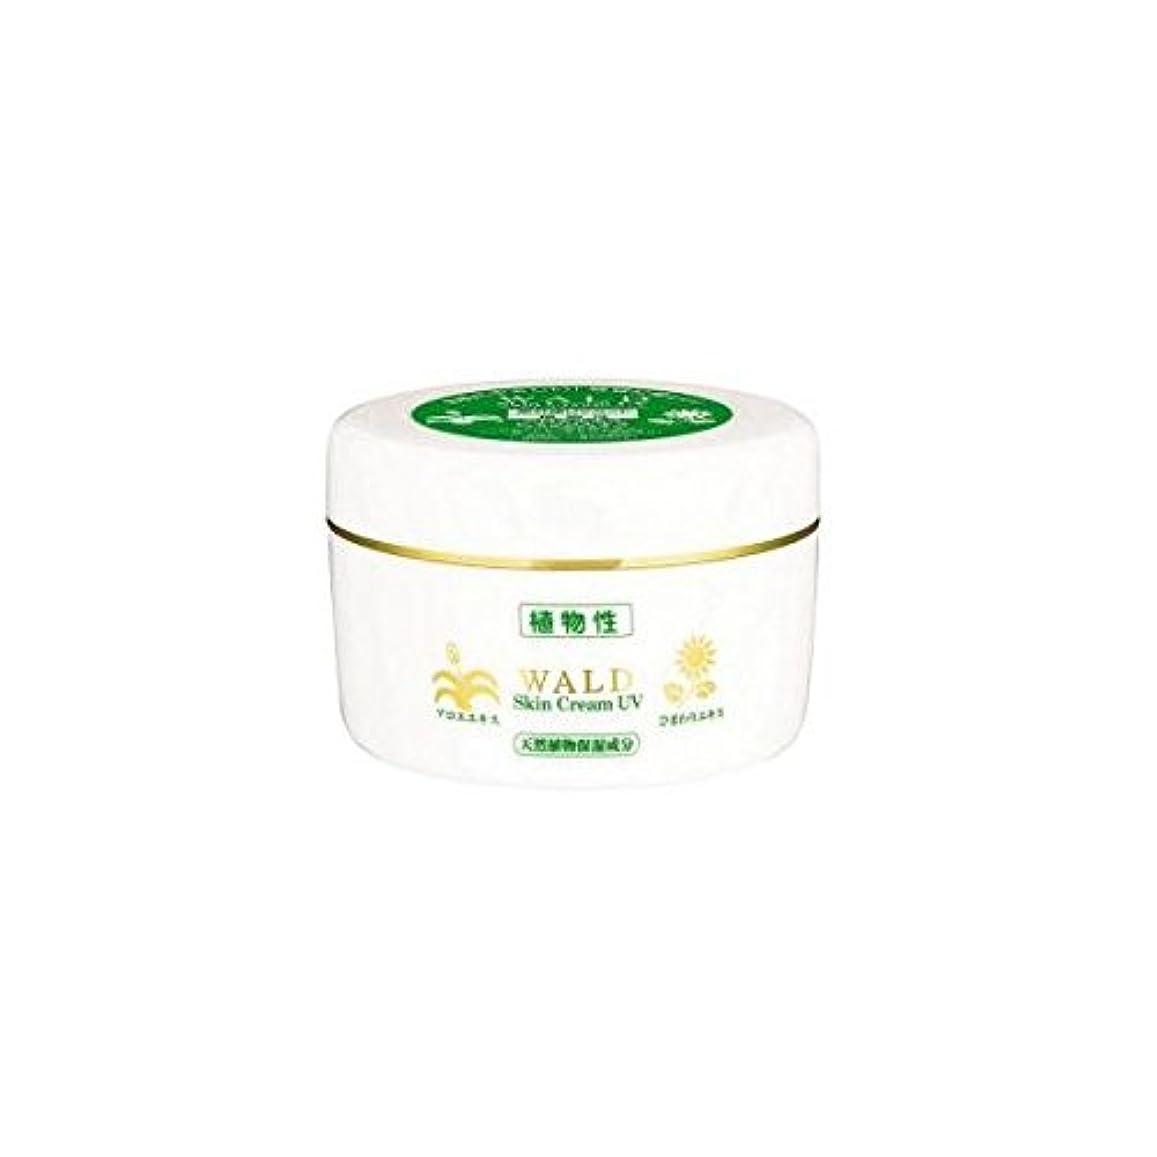 感情の以内に調整する新 ヴァルトスキンクリーム UV (WALD Skin Cream UV) 220g (1)